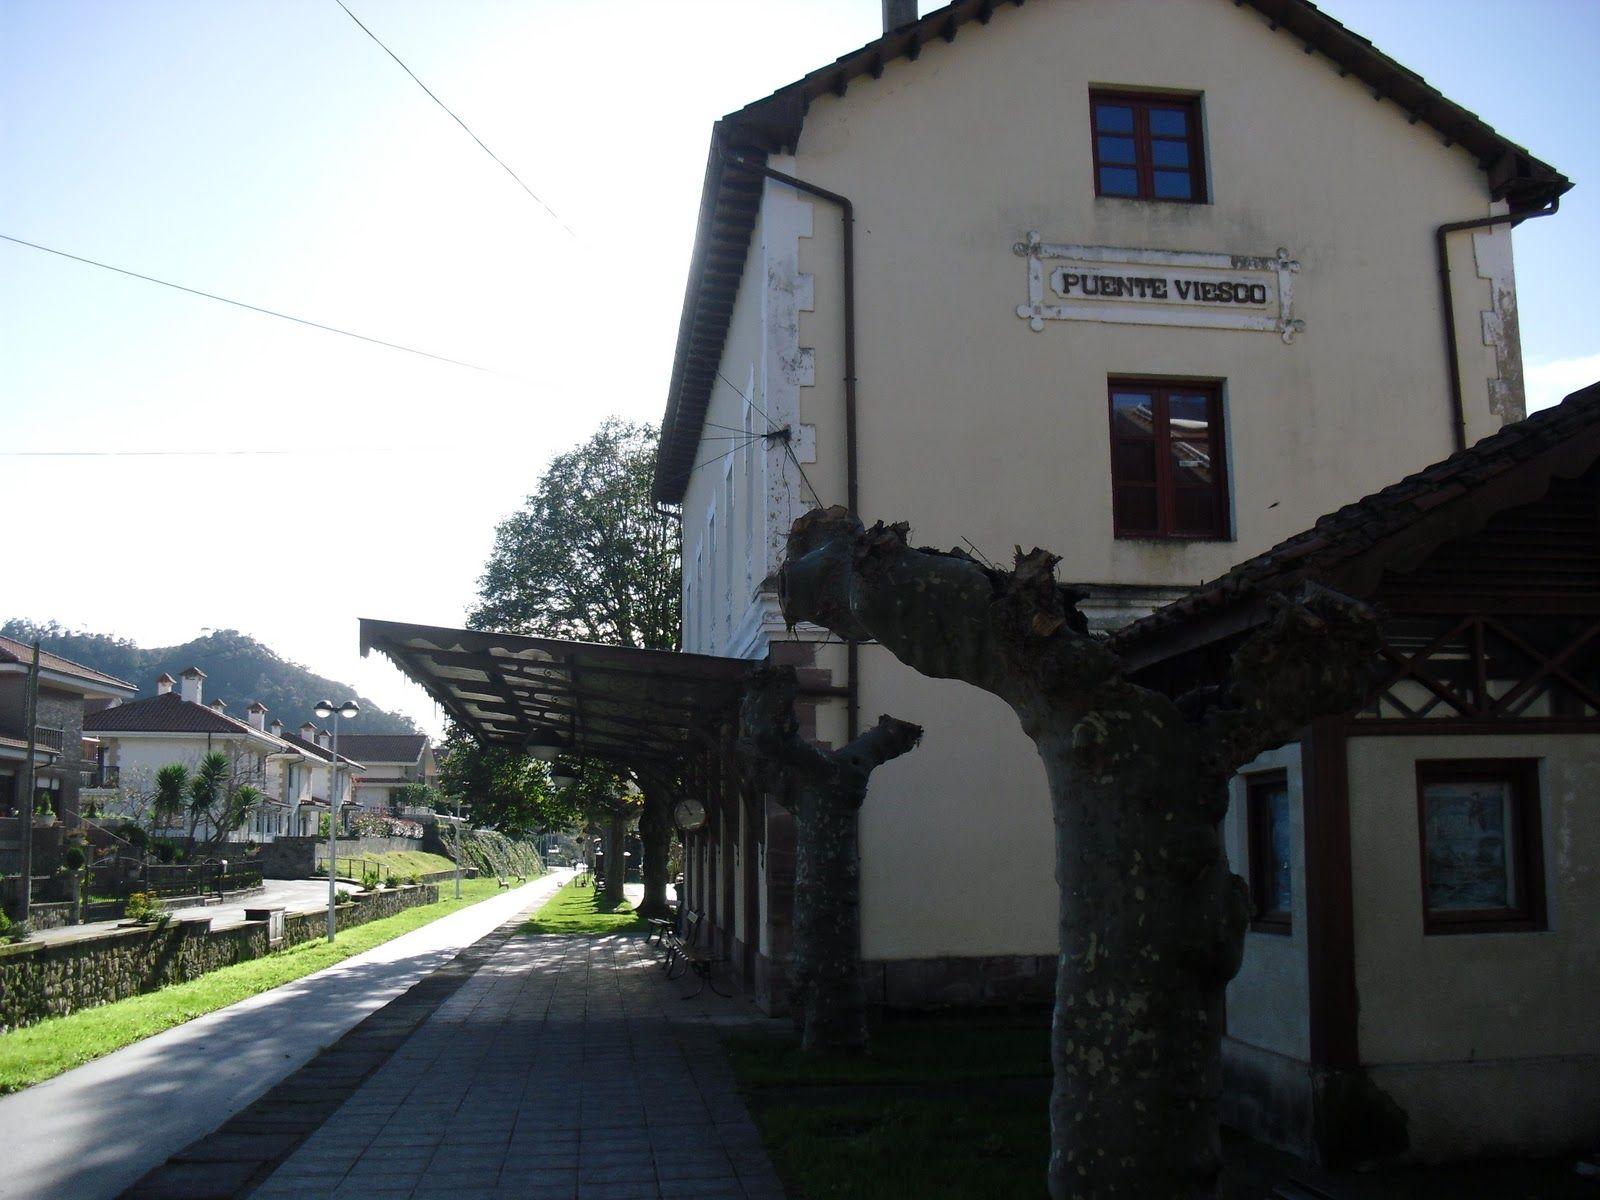 Hotel Con Acceso A La Via Verde Del Pas En Cantabria Via Verde Para Caminar En Santander Via Verde Para Cami Rutas Montar A Caballo Estación De Ferrocarriles